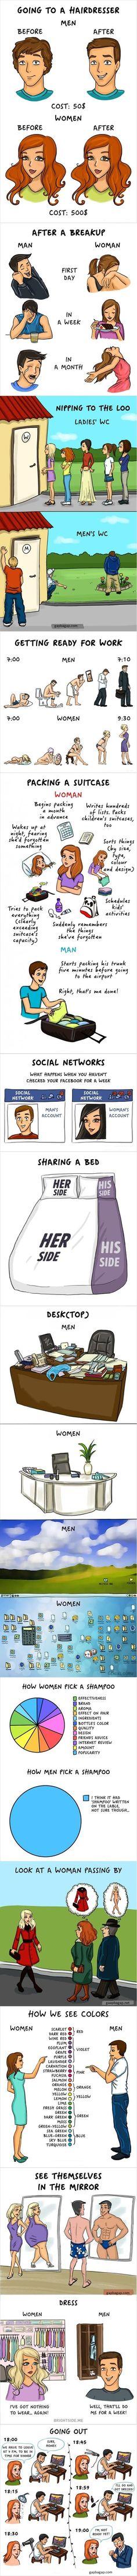 Funny Pictures Of Men vs Women